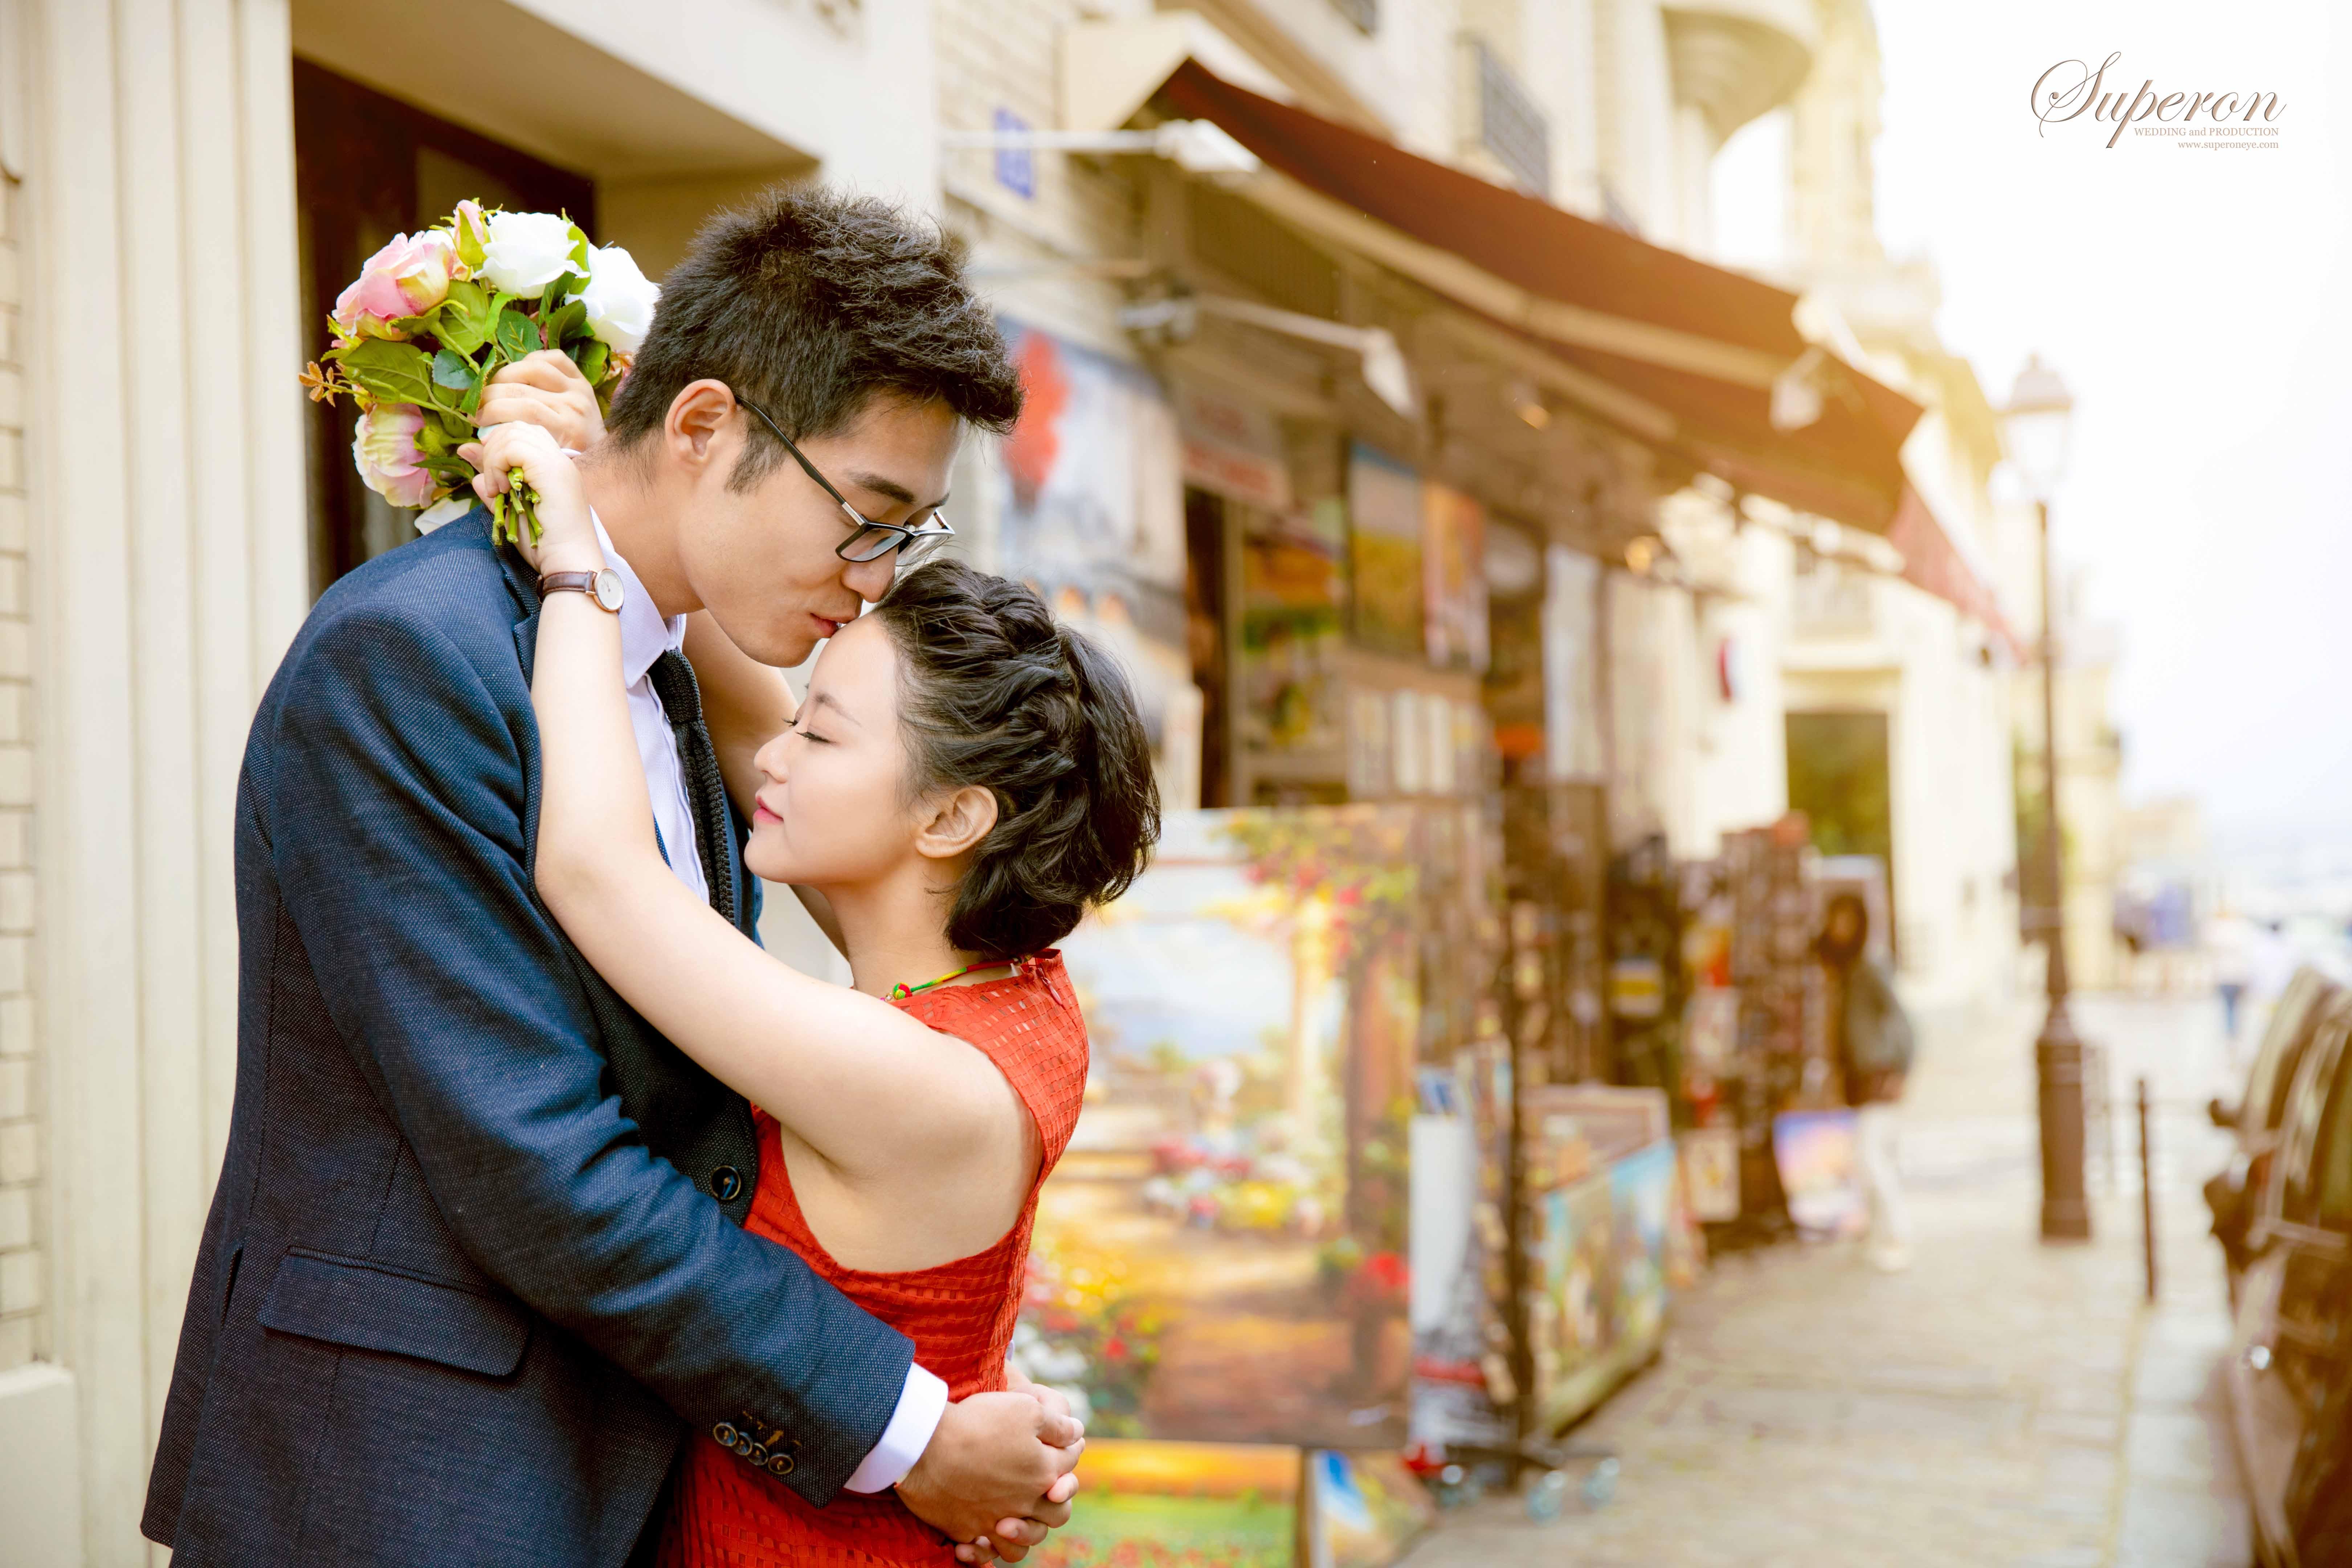 巴黎求婚 巴黎婚紗攝影   法國巴黎婚紗攝影   巴黎情侶旅拍